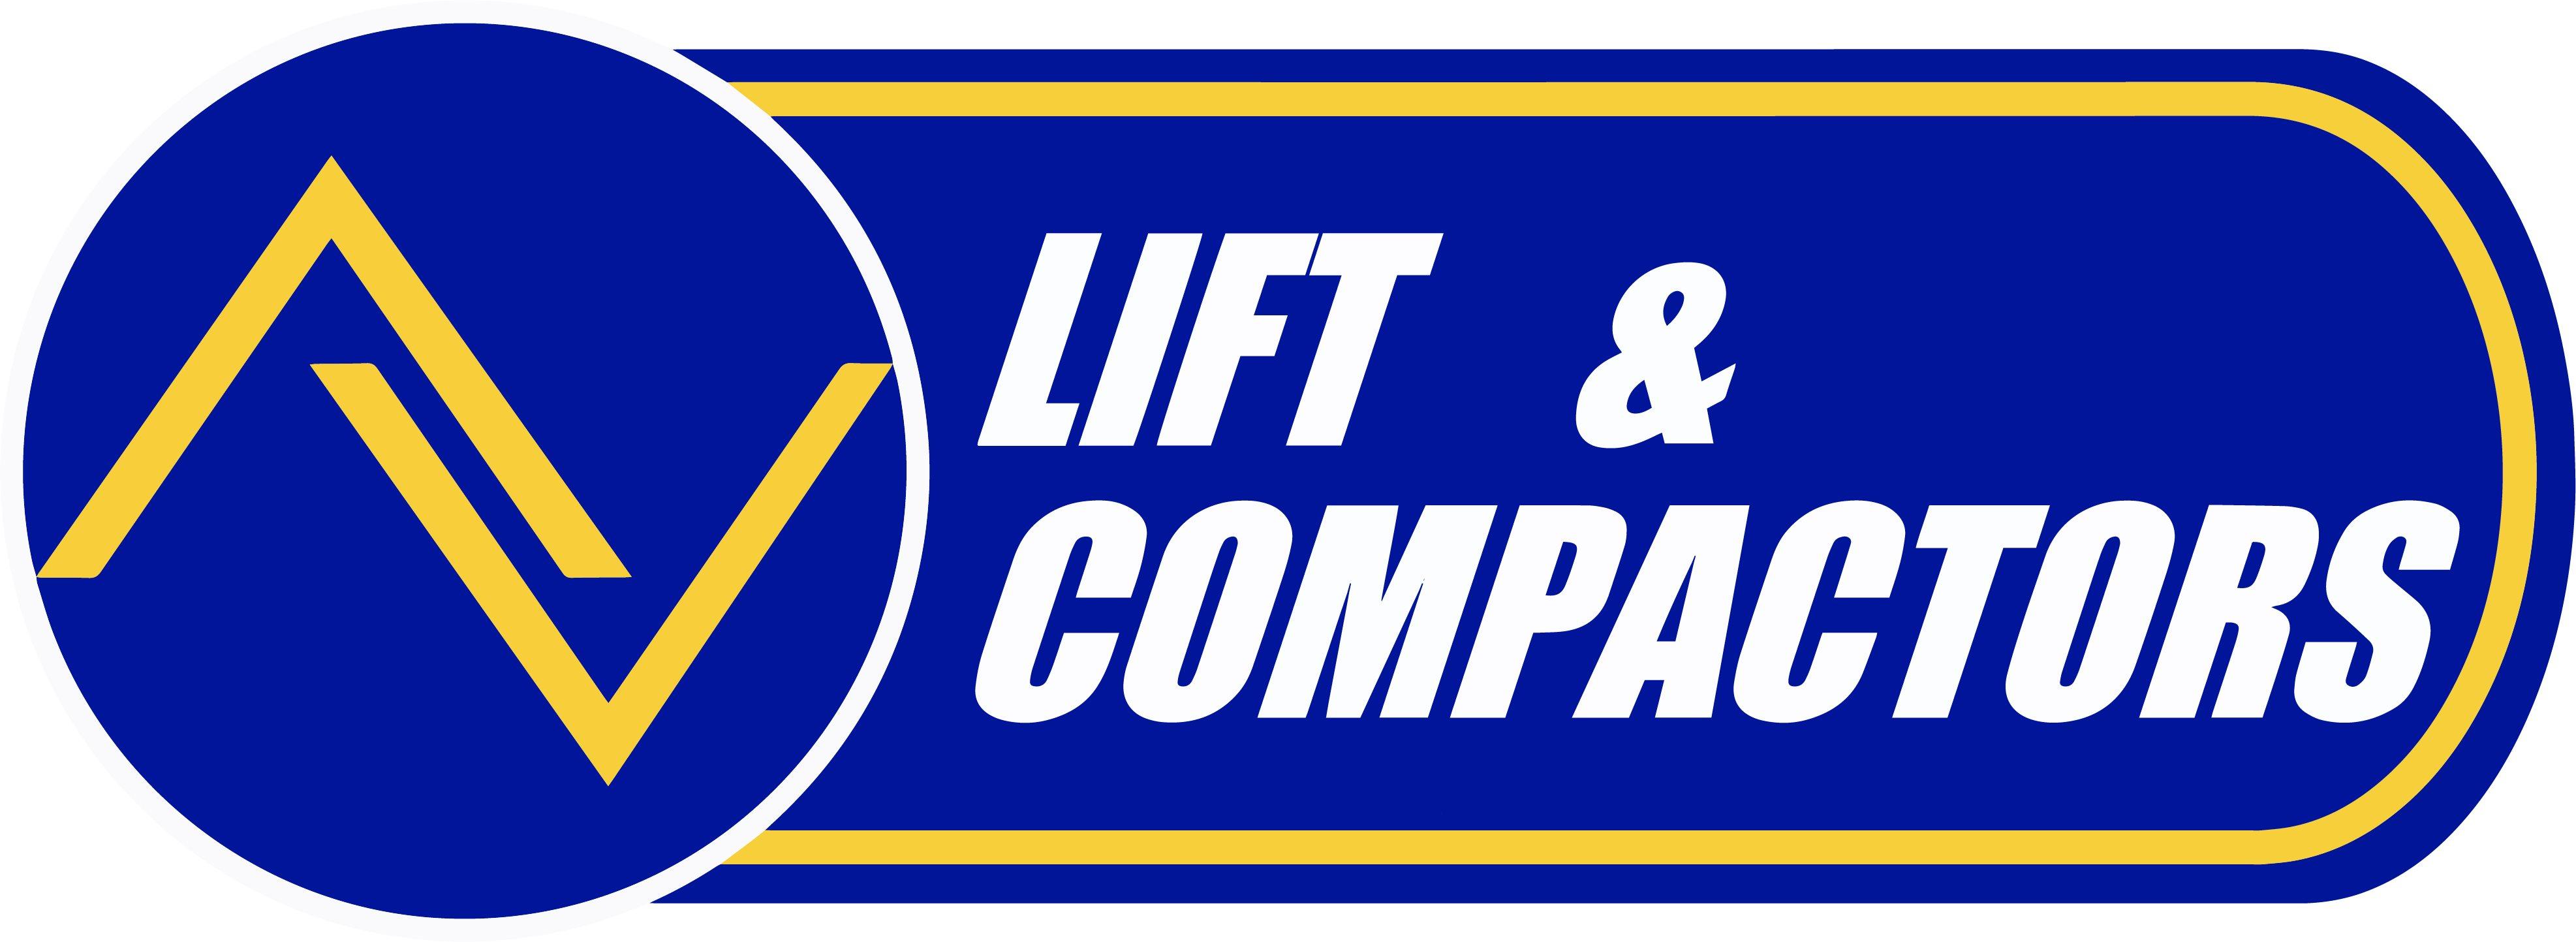 Lift & Compactors México, S.A. de C.V.